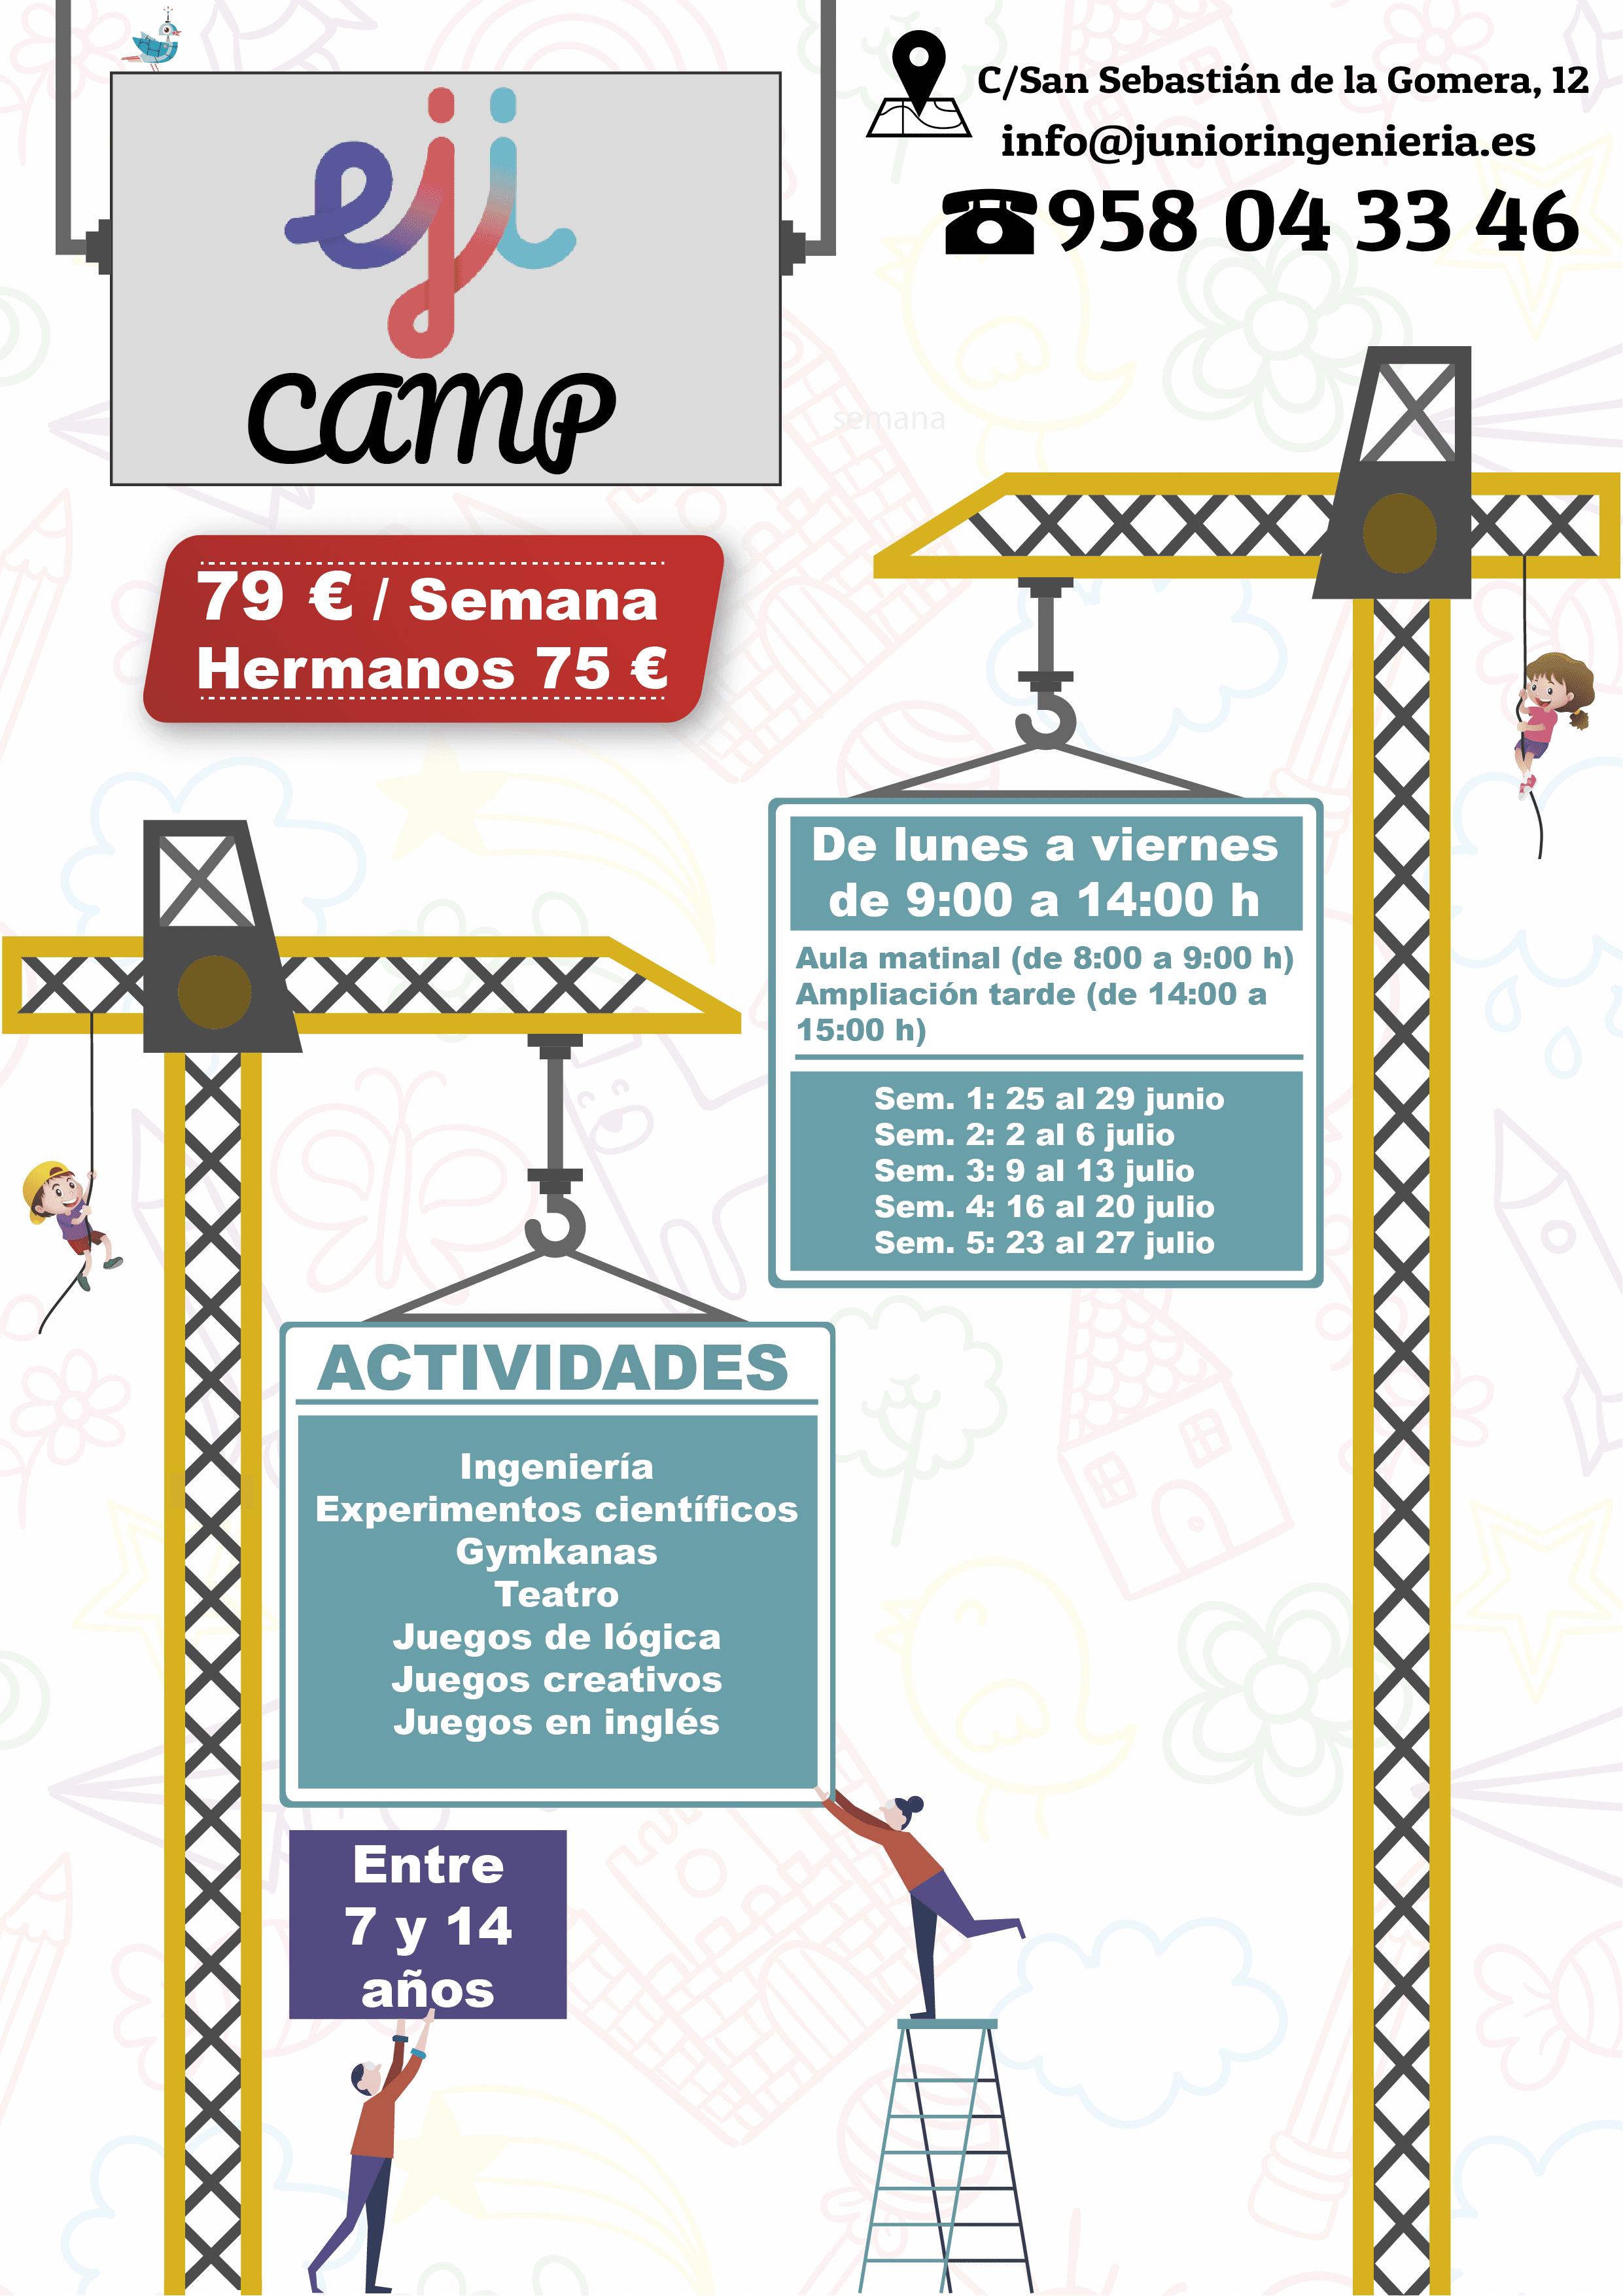 Campamento de Verano para niños y niñas EJI